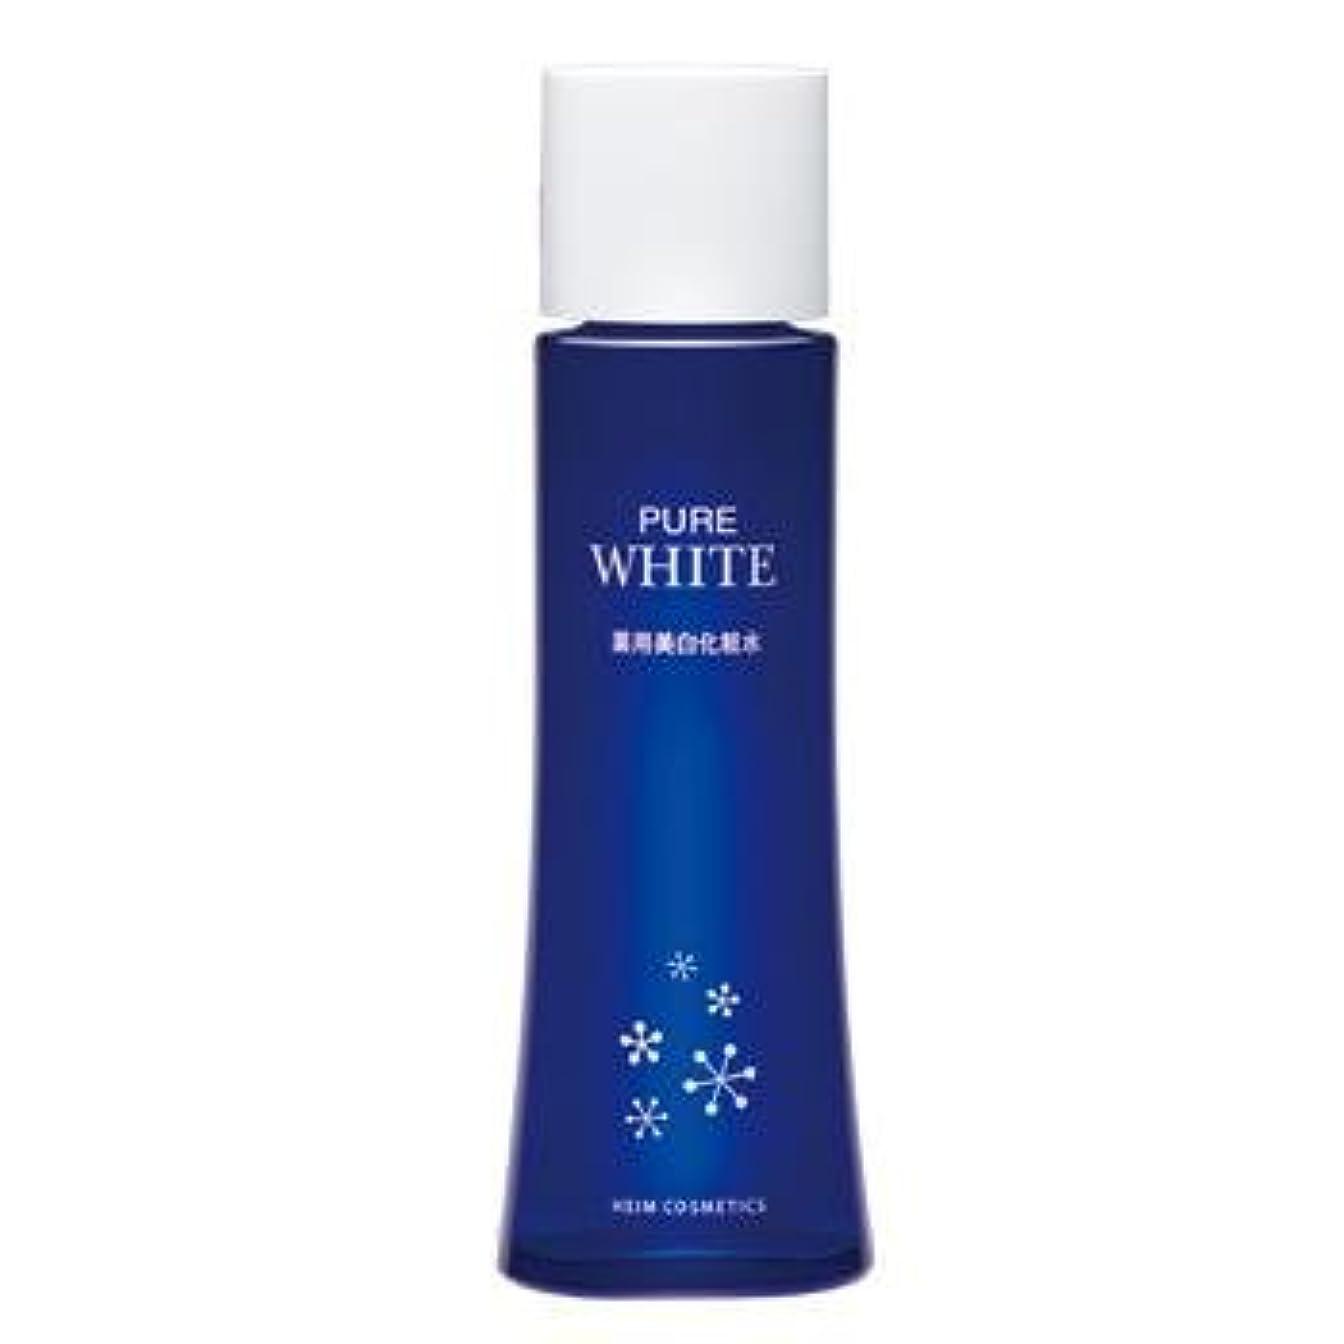 先のことを考えるきらめくの配列ハイム化粧品/薬用ピュアホワイト/化粧水(しっとり)【乾燥しやすい肌に美白とうるおいを】